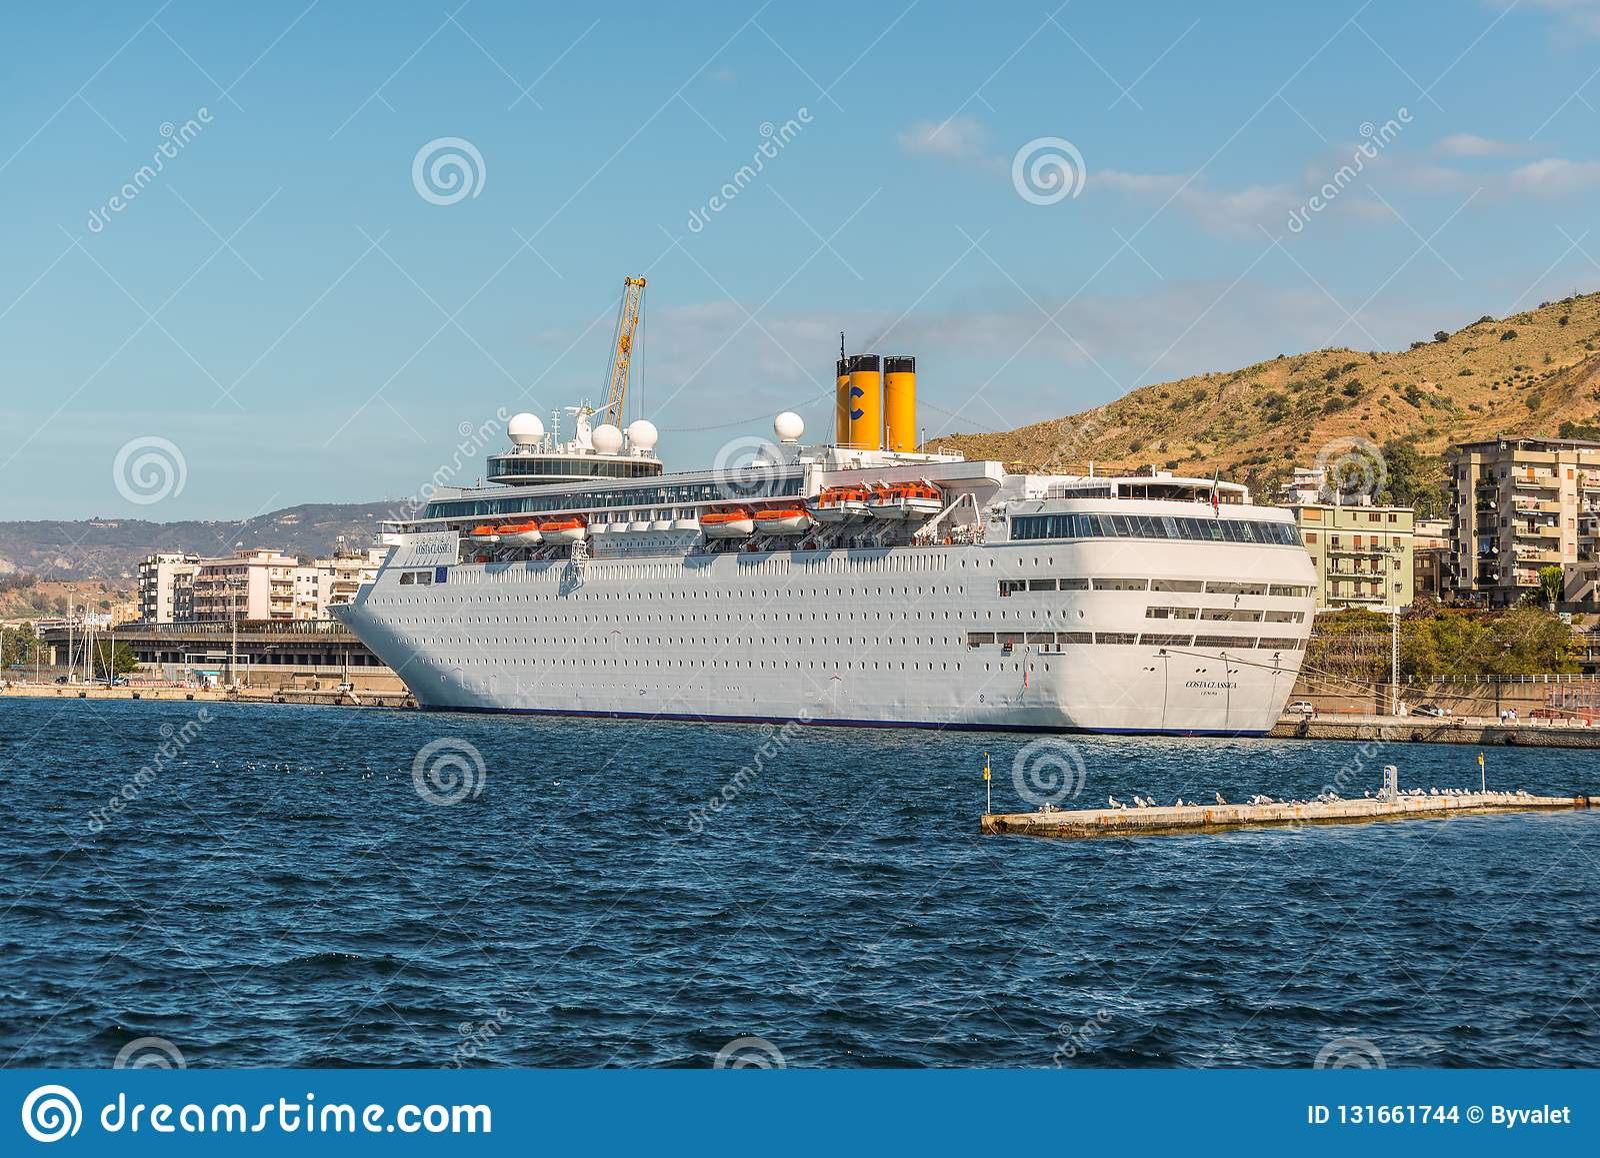 Costa NeoClassica Cruise Ship Moored In The Port Of Reggio ...